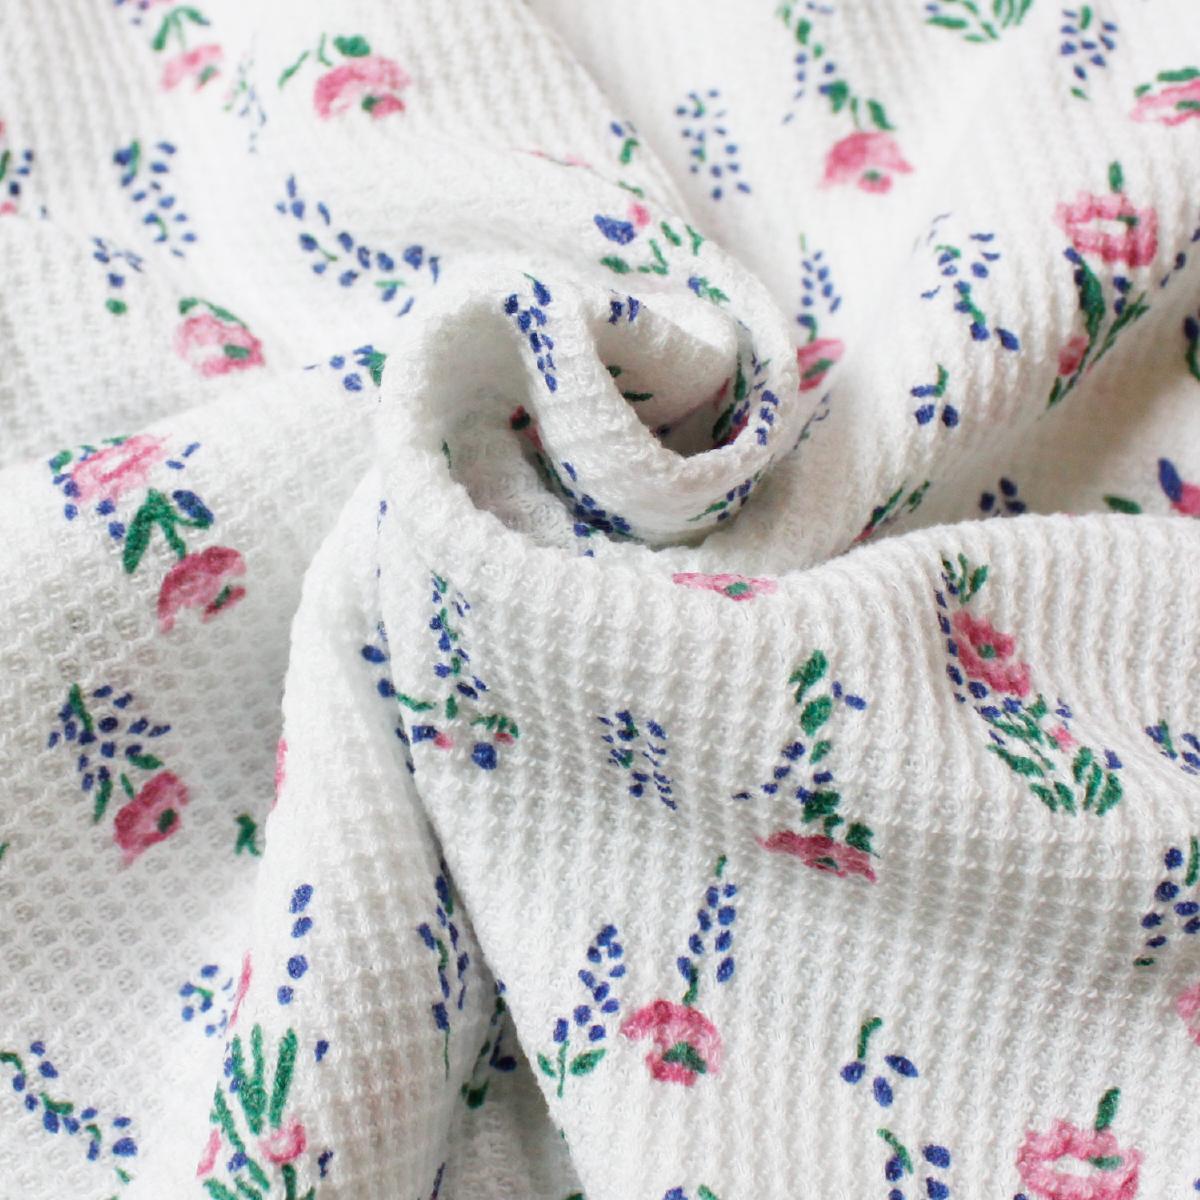 JEMORGAN ジェーイーモーガン 花柄サーマル半袖Tee